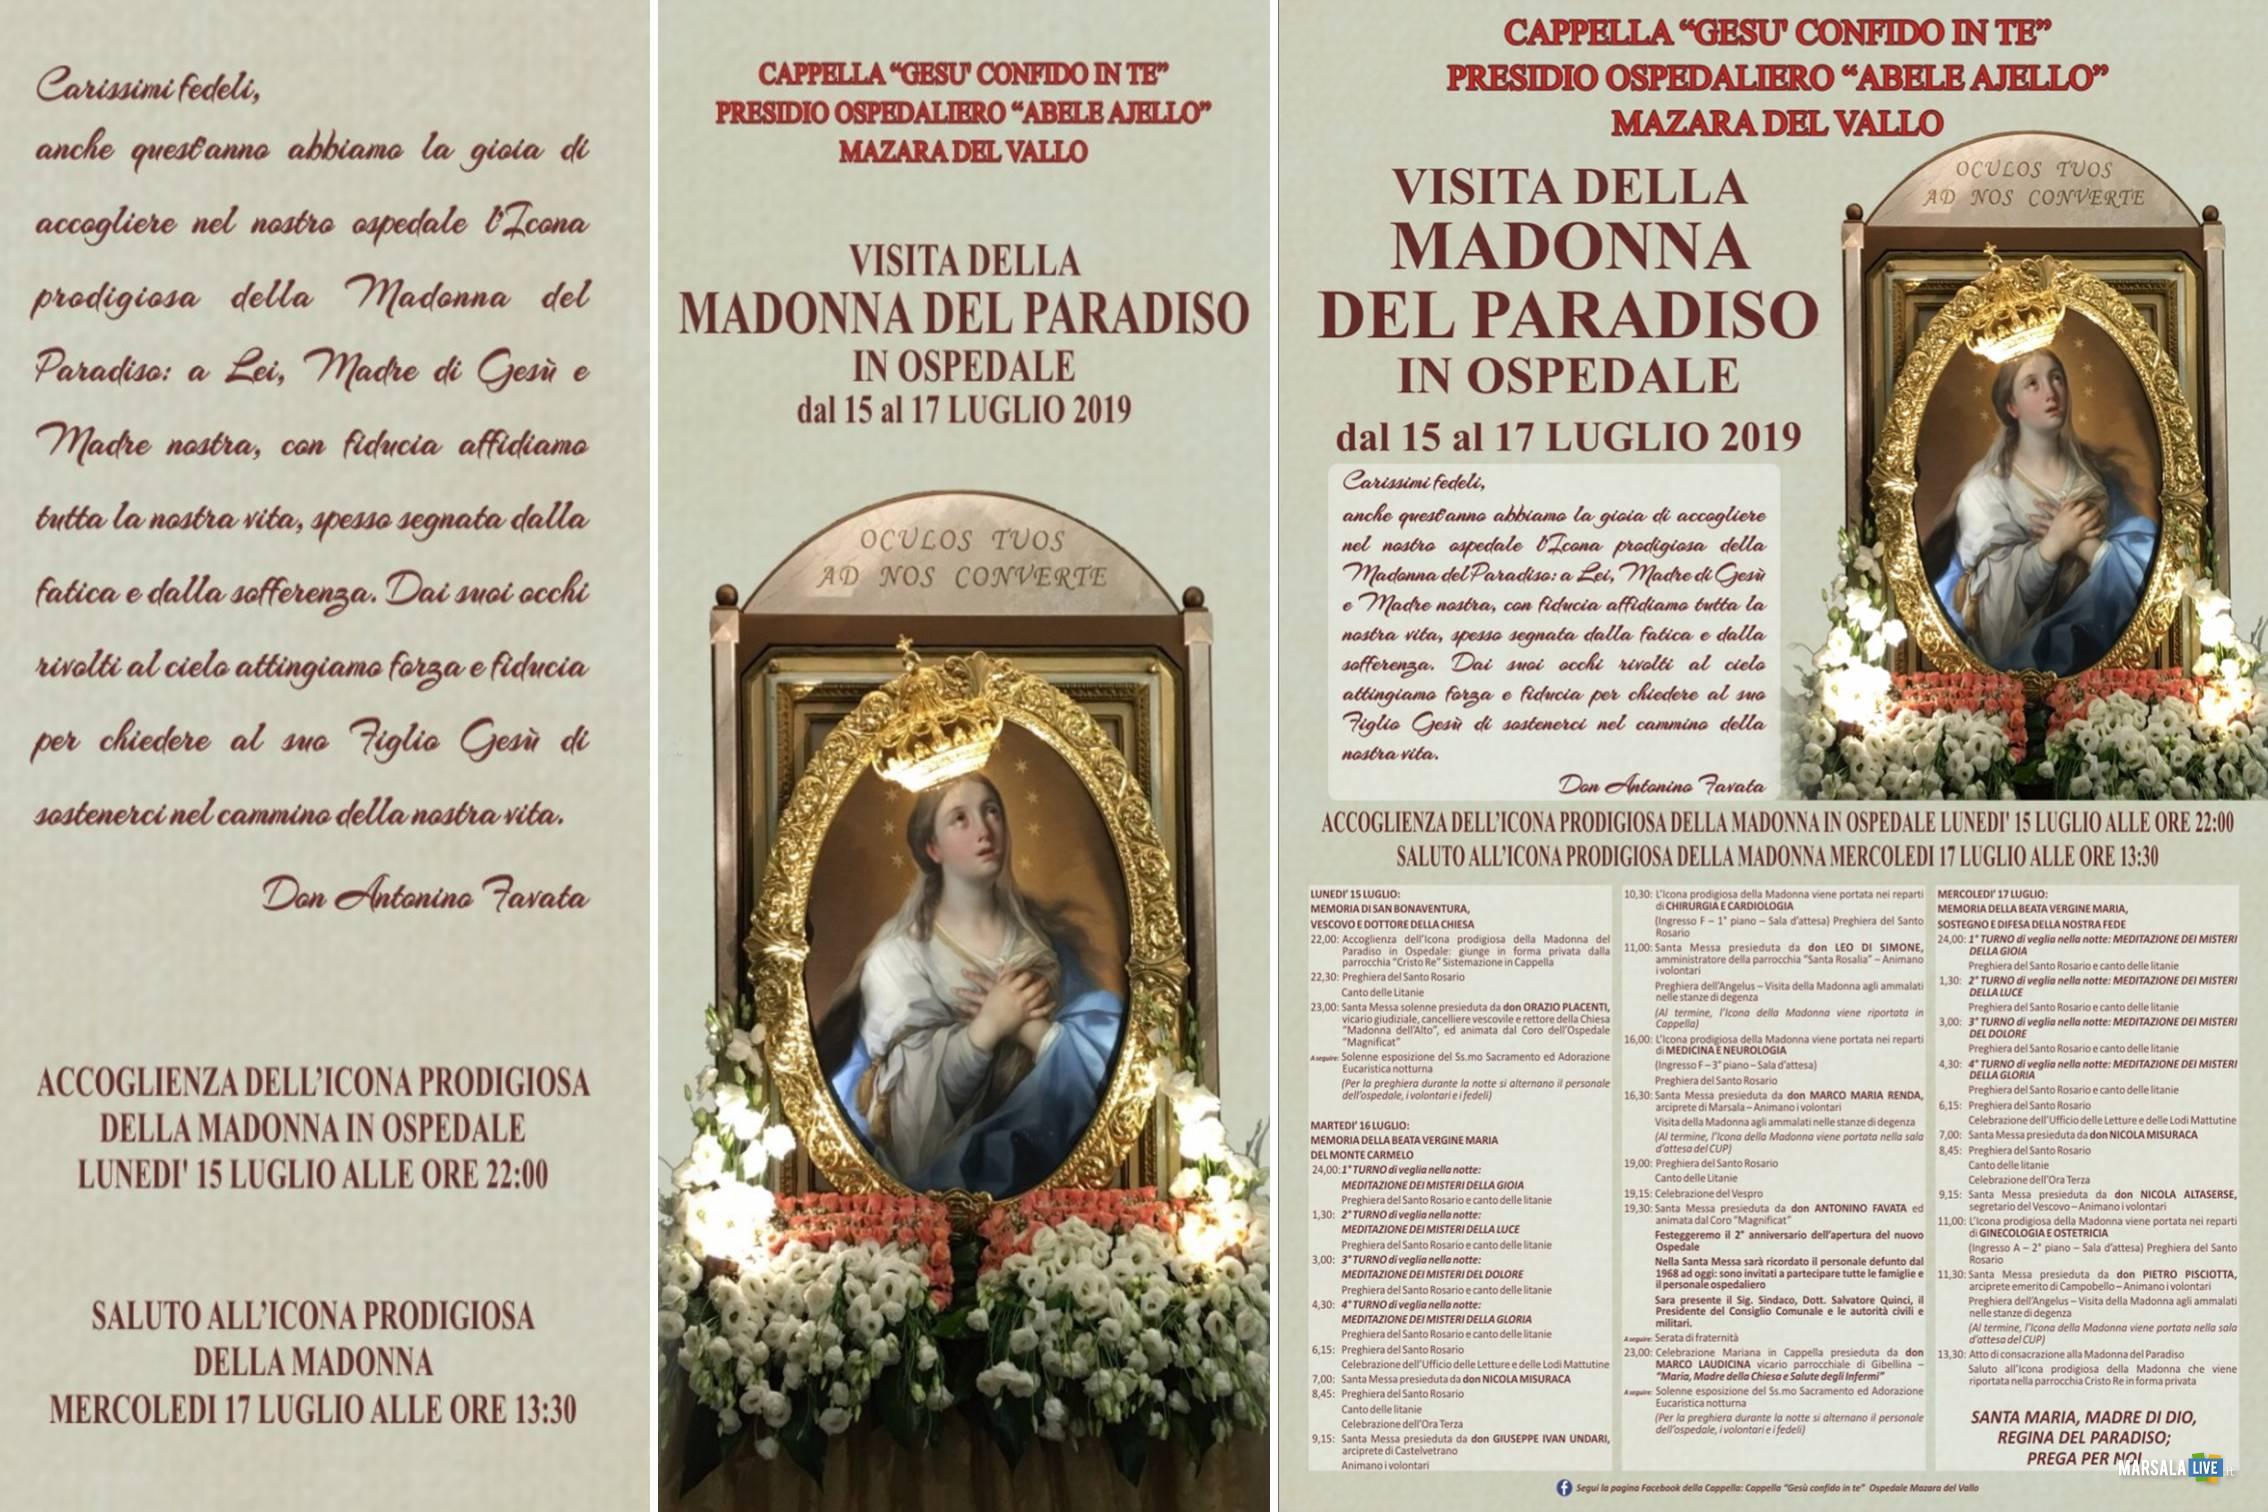 Madonna del Paradiso in ospedale a Mazara